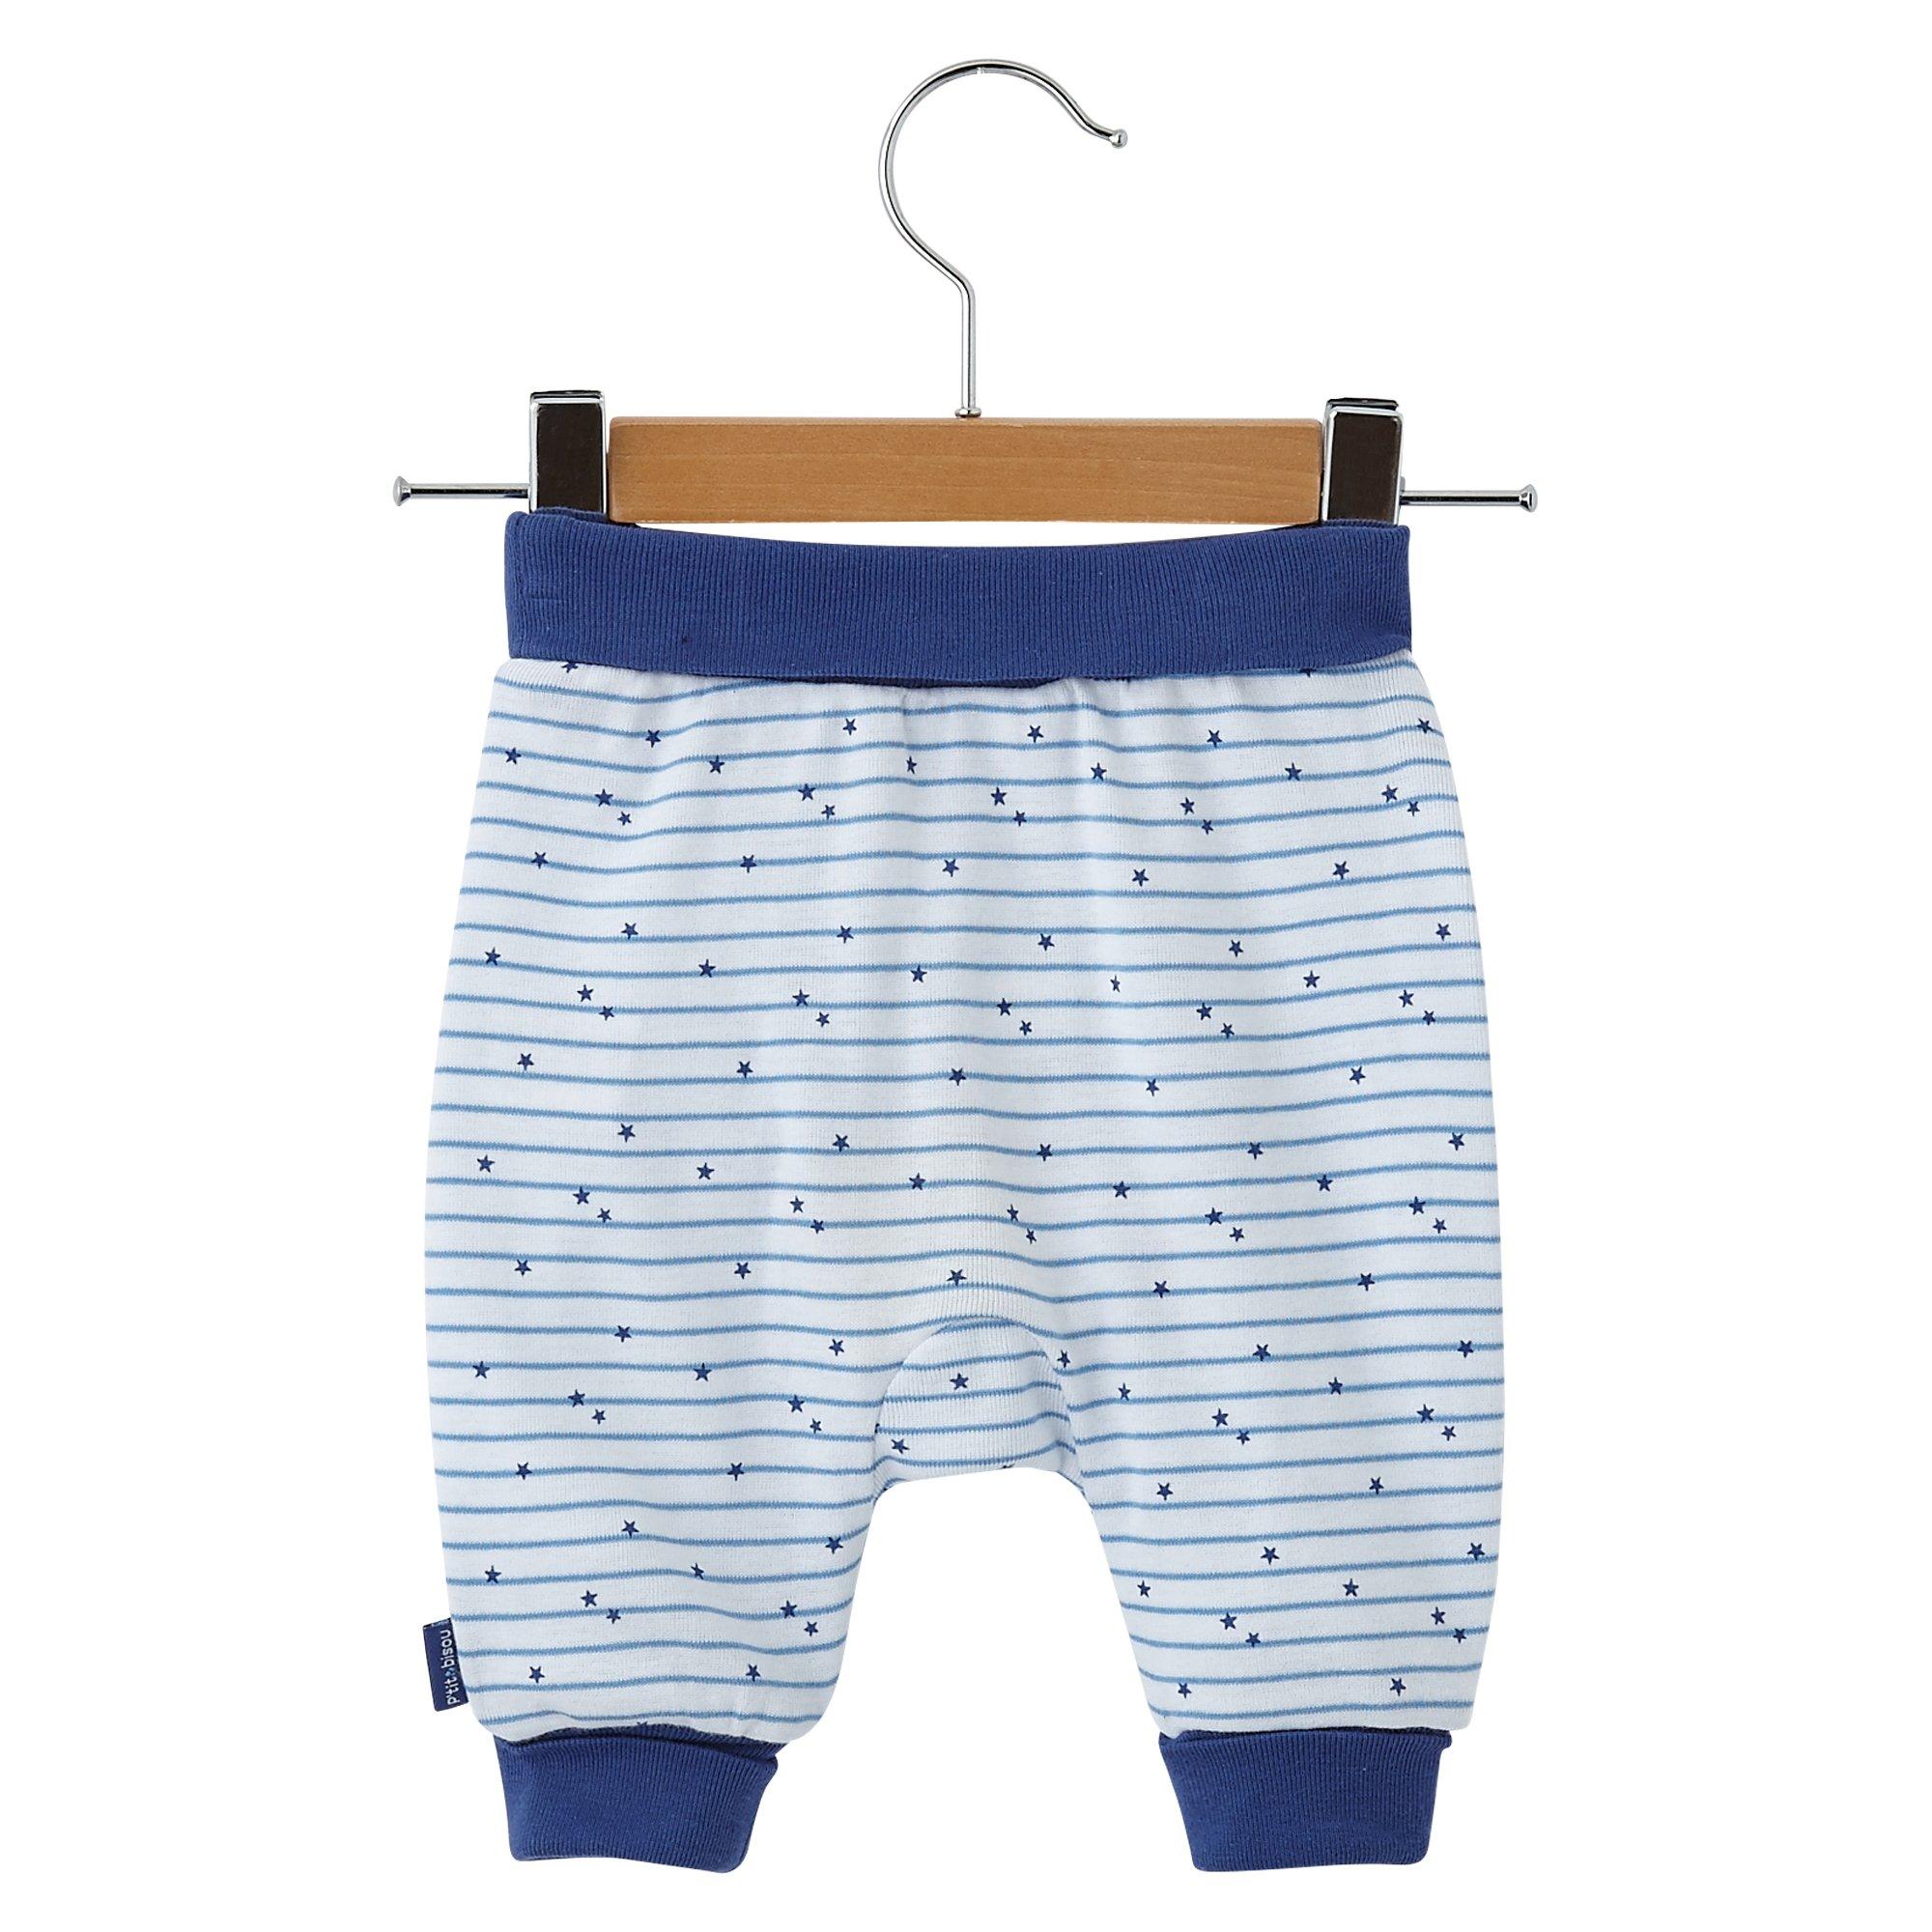 Pantalon collection Étoiles Garçon Bleu  de P'tit Bisou Trousseau